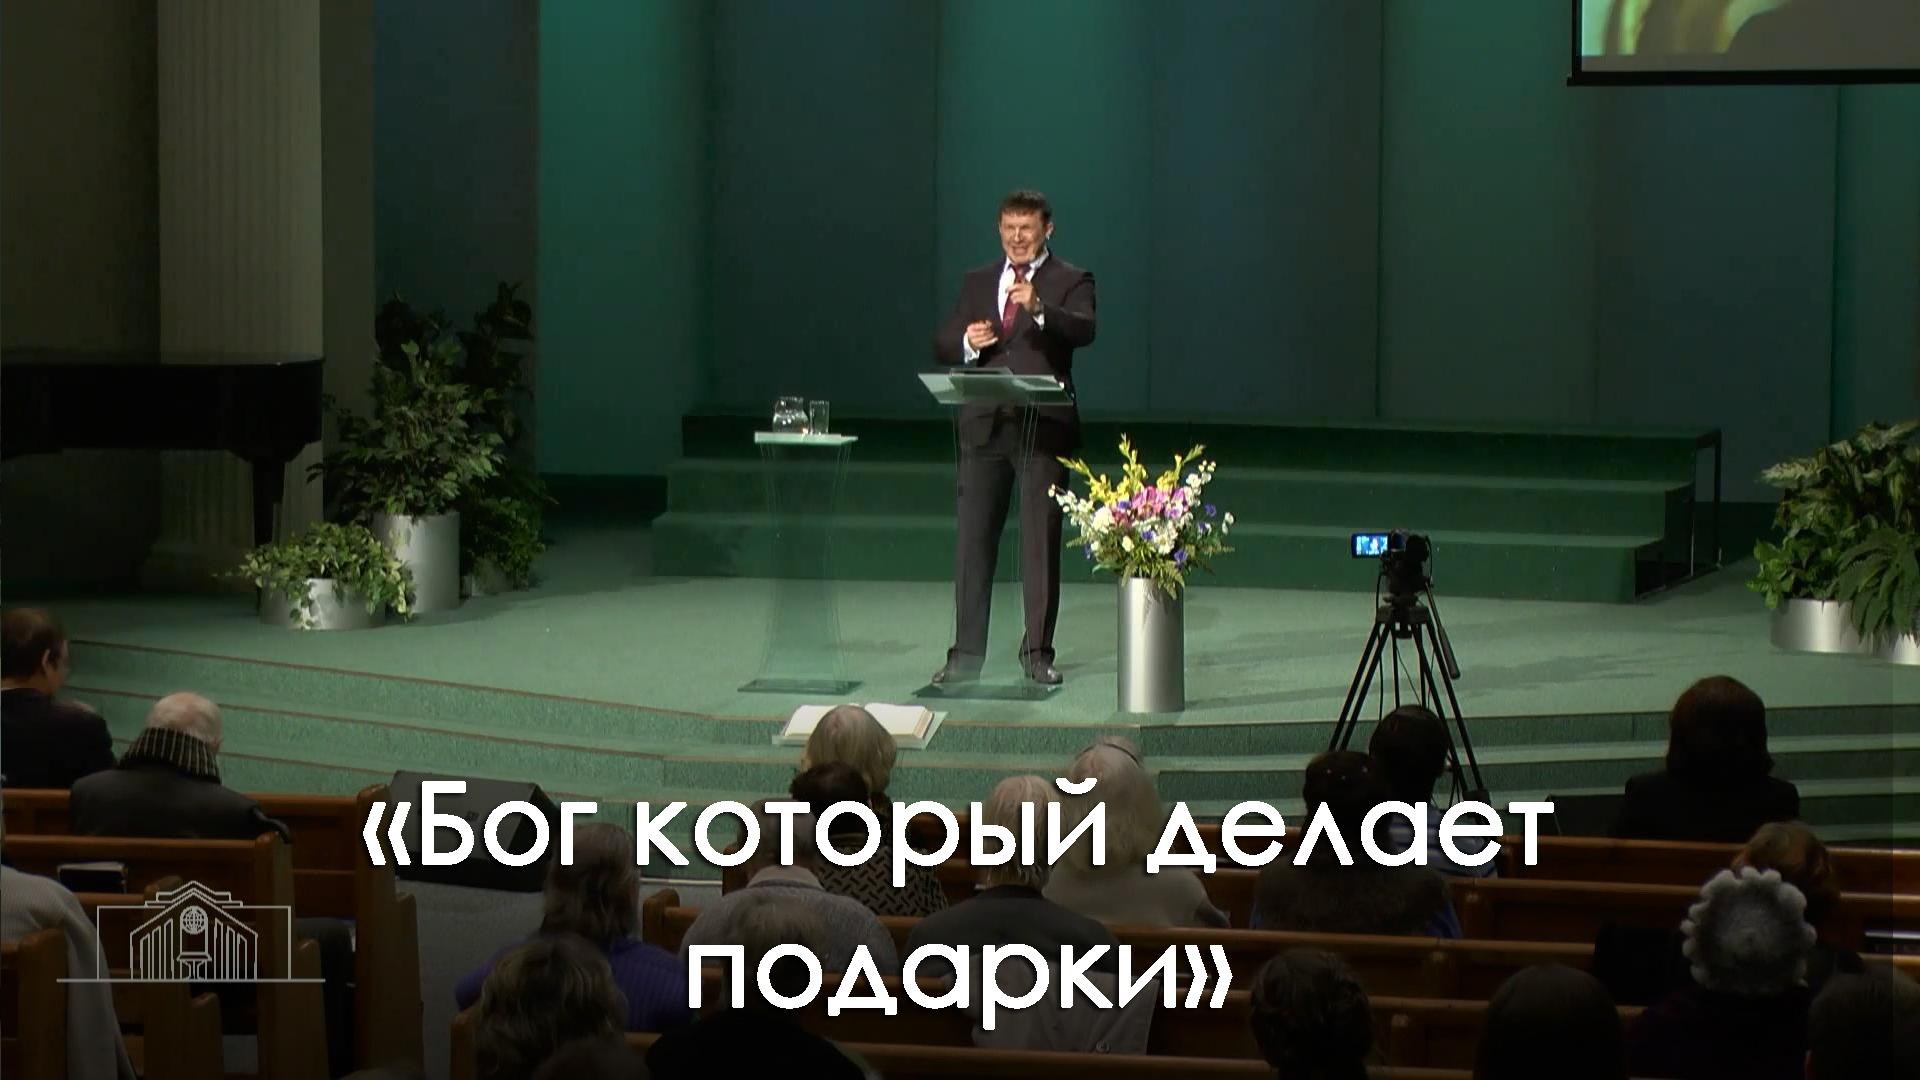 """Проповедь """"Бог который делает подарки"""" Киссер В.В..mp4_snapshot_00.10.54_[2016.03.15_15.59.08]"""